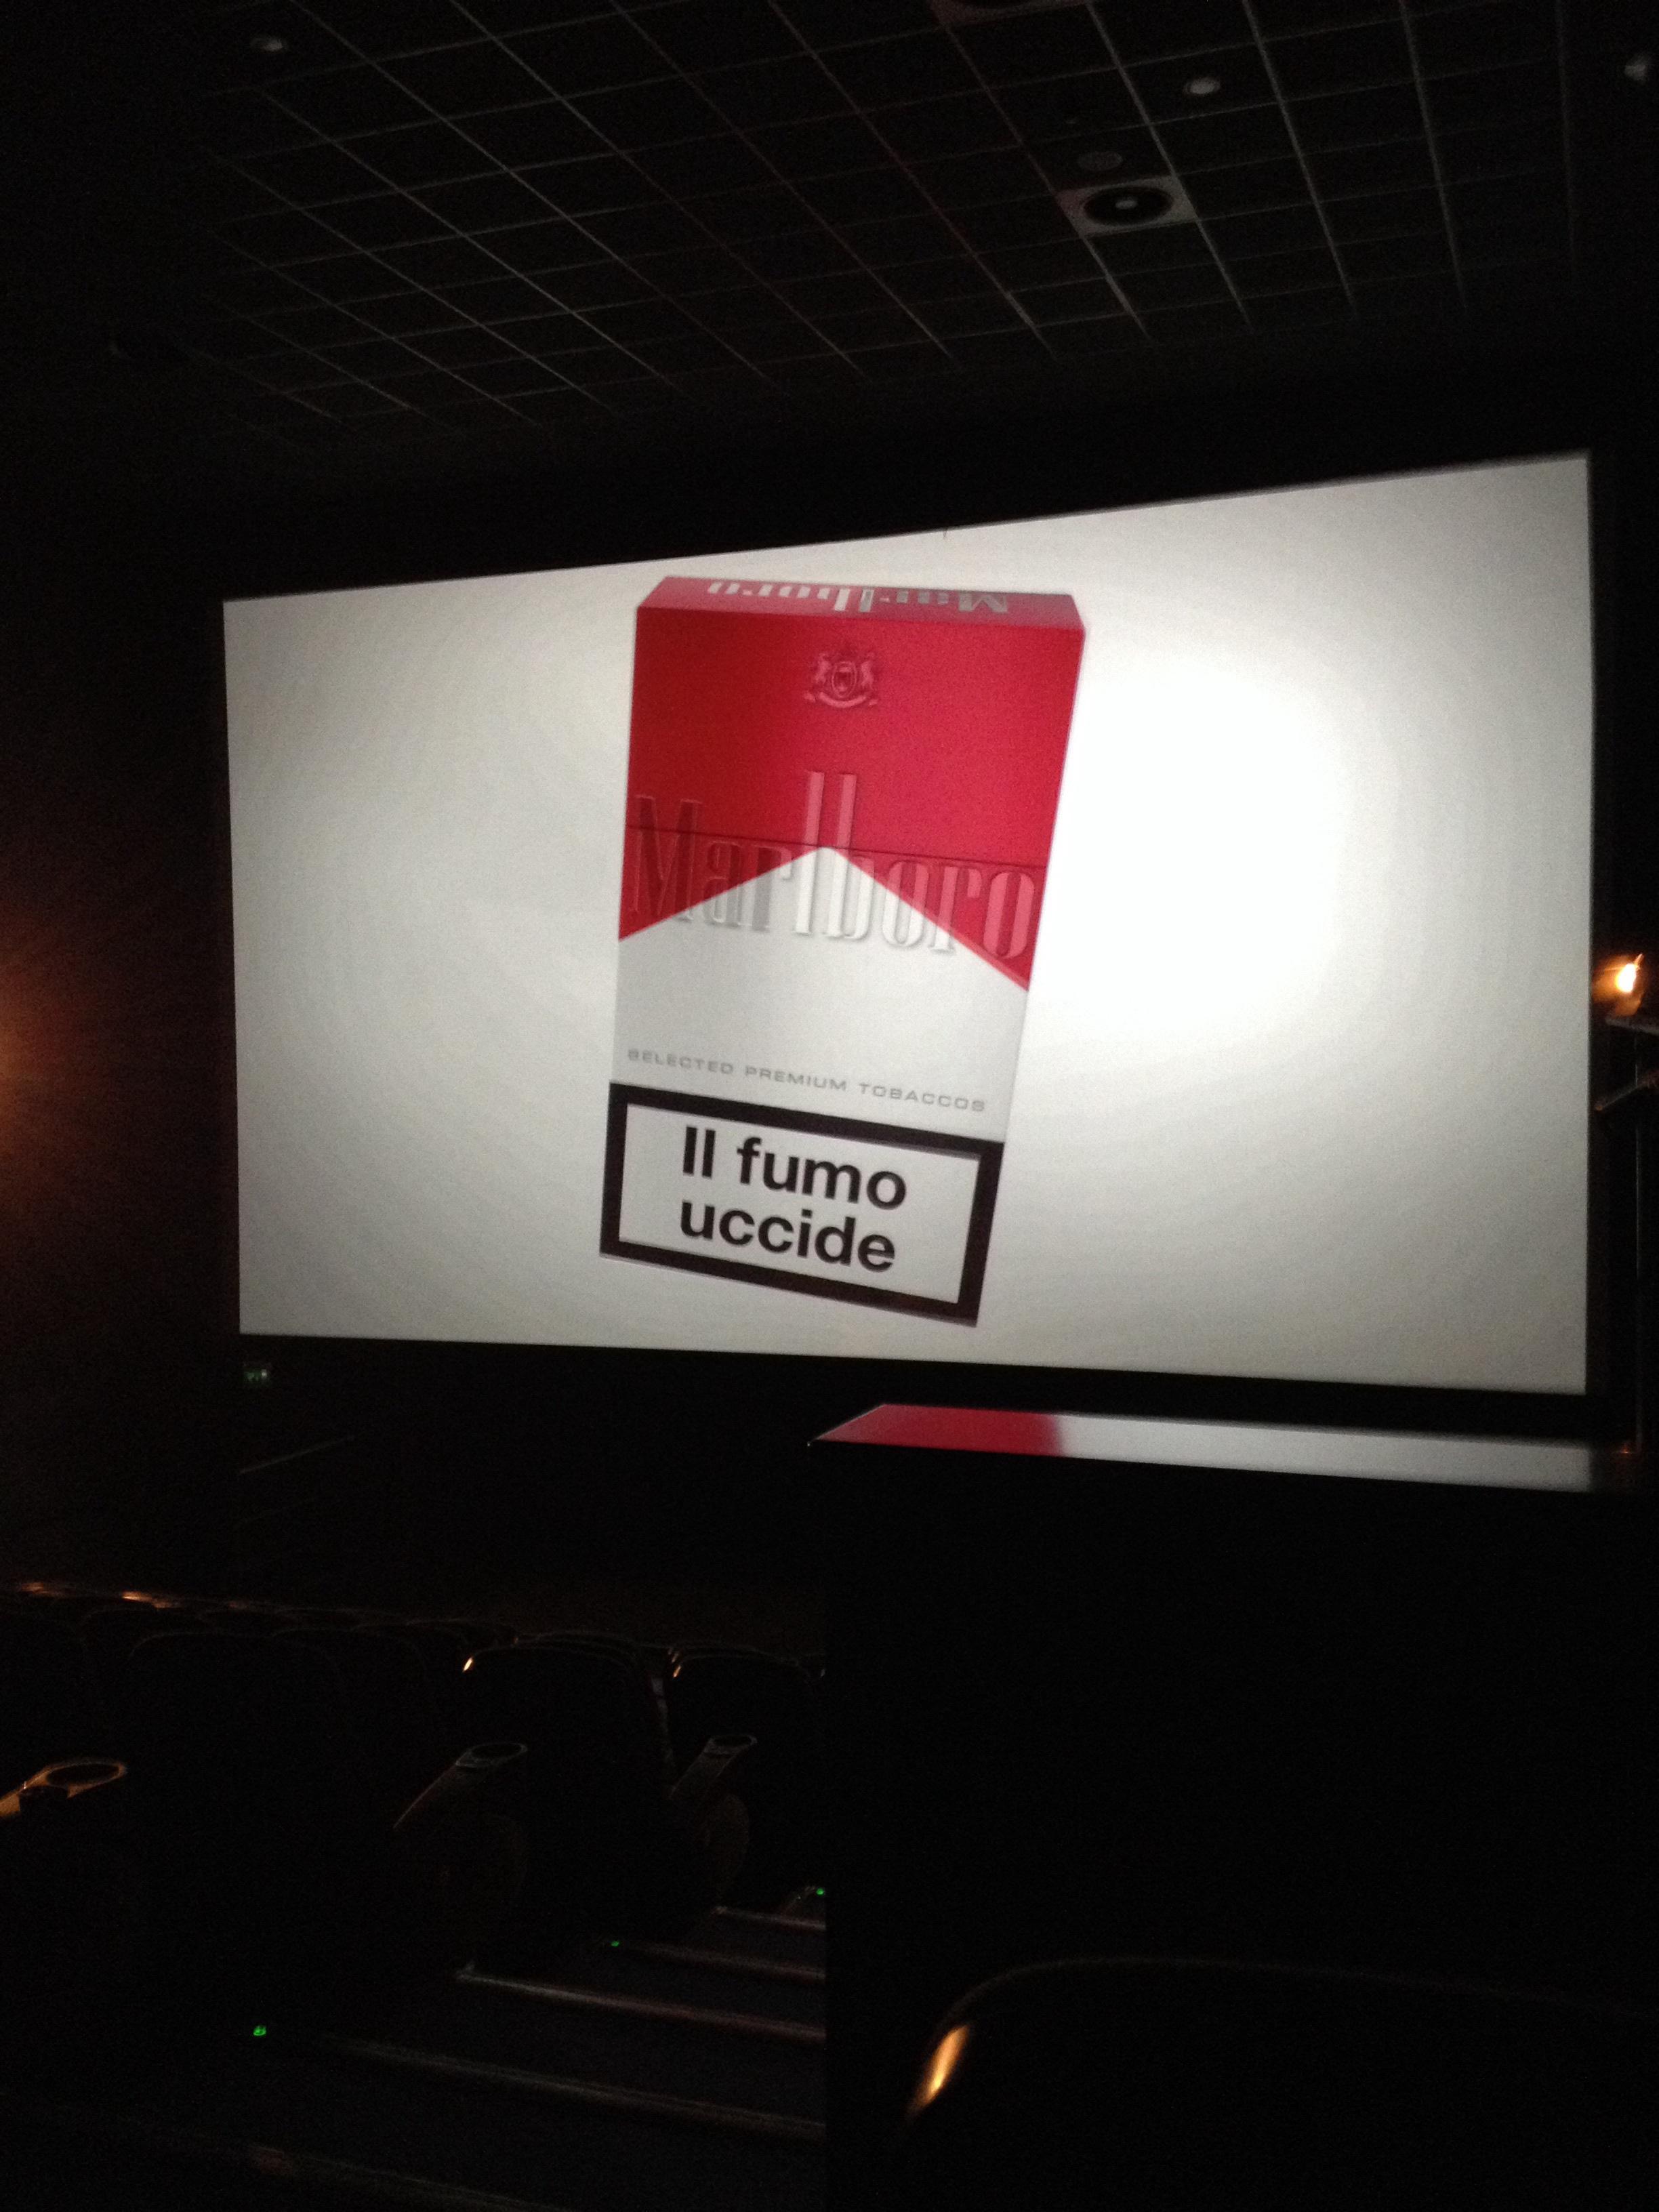 Presentazione Marlboro 2014